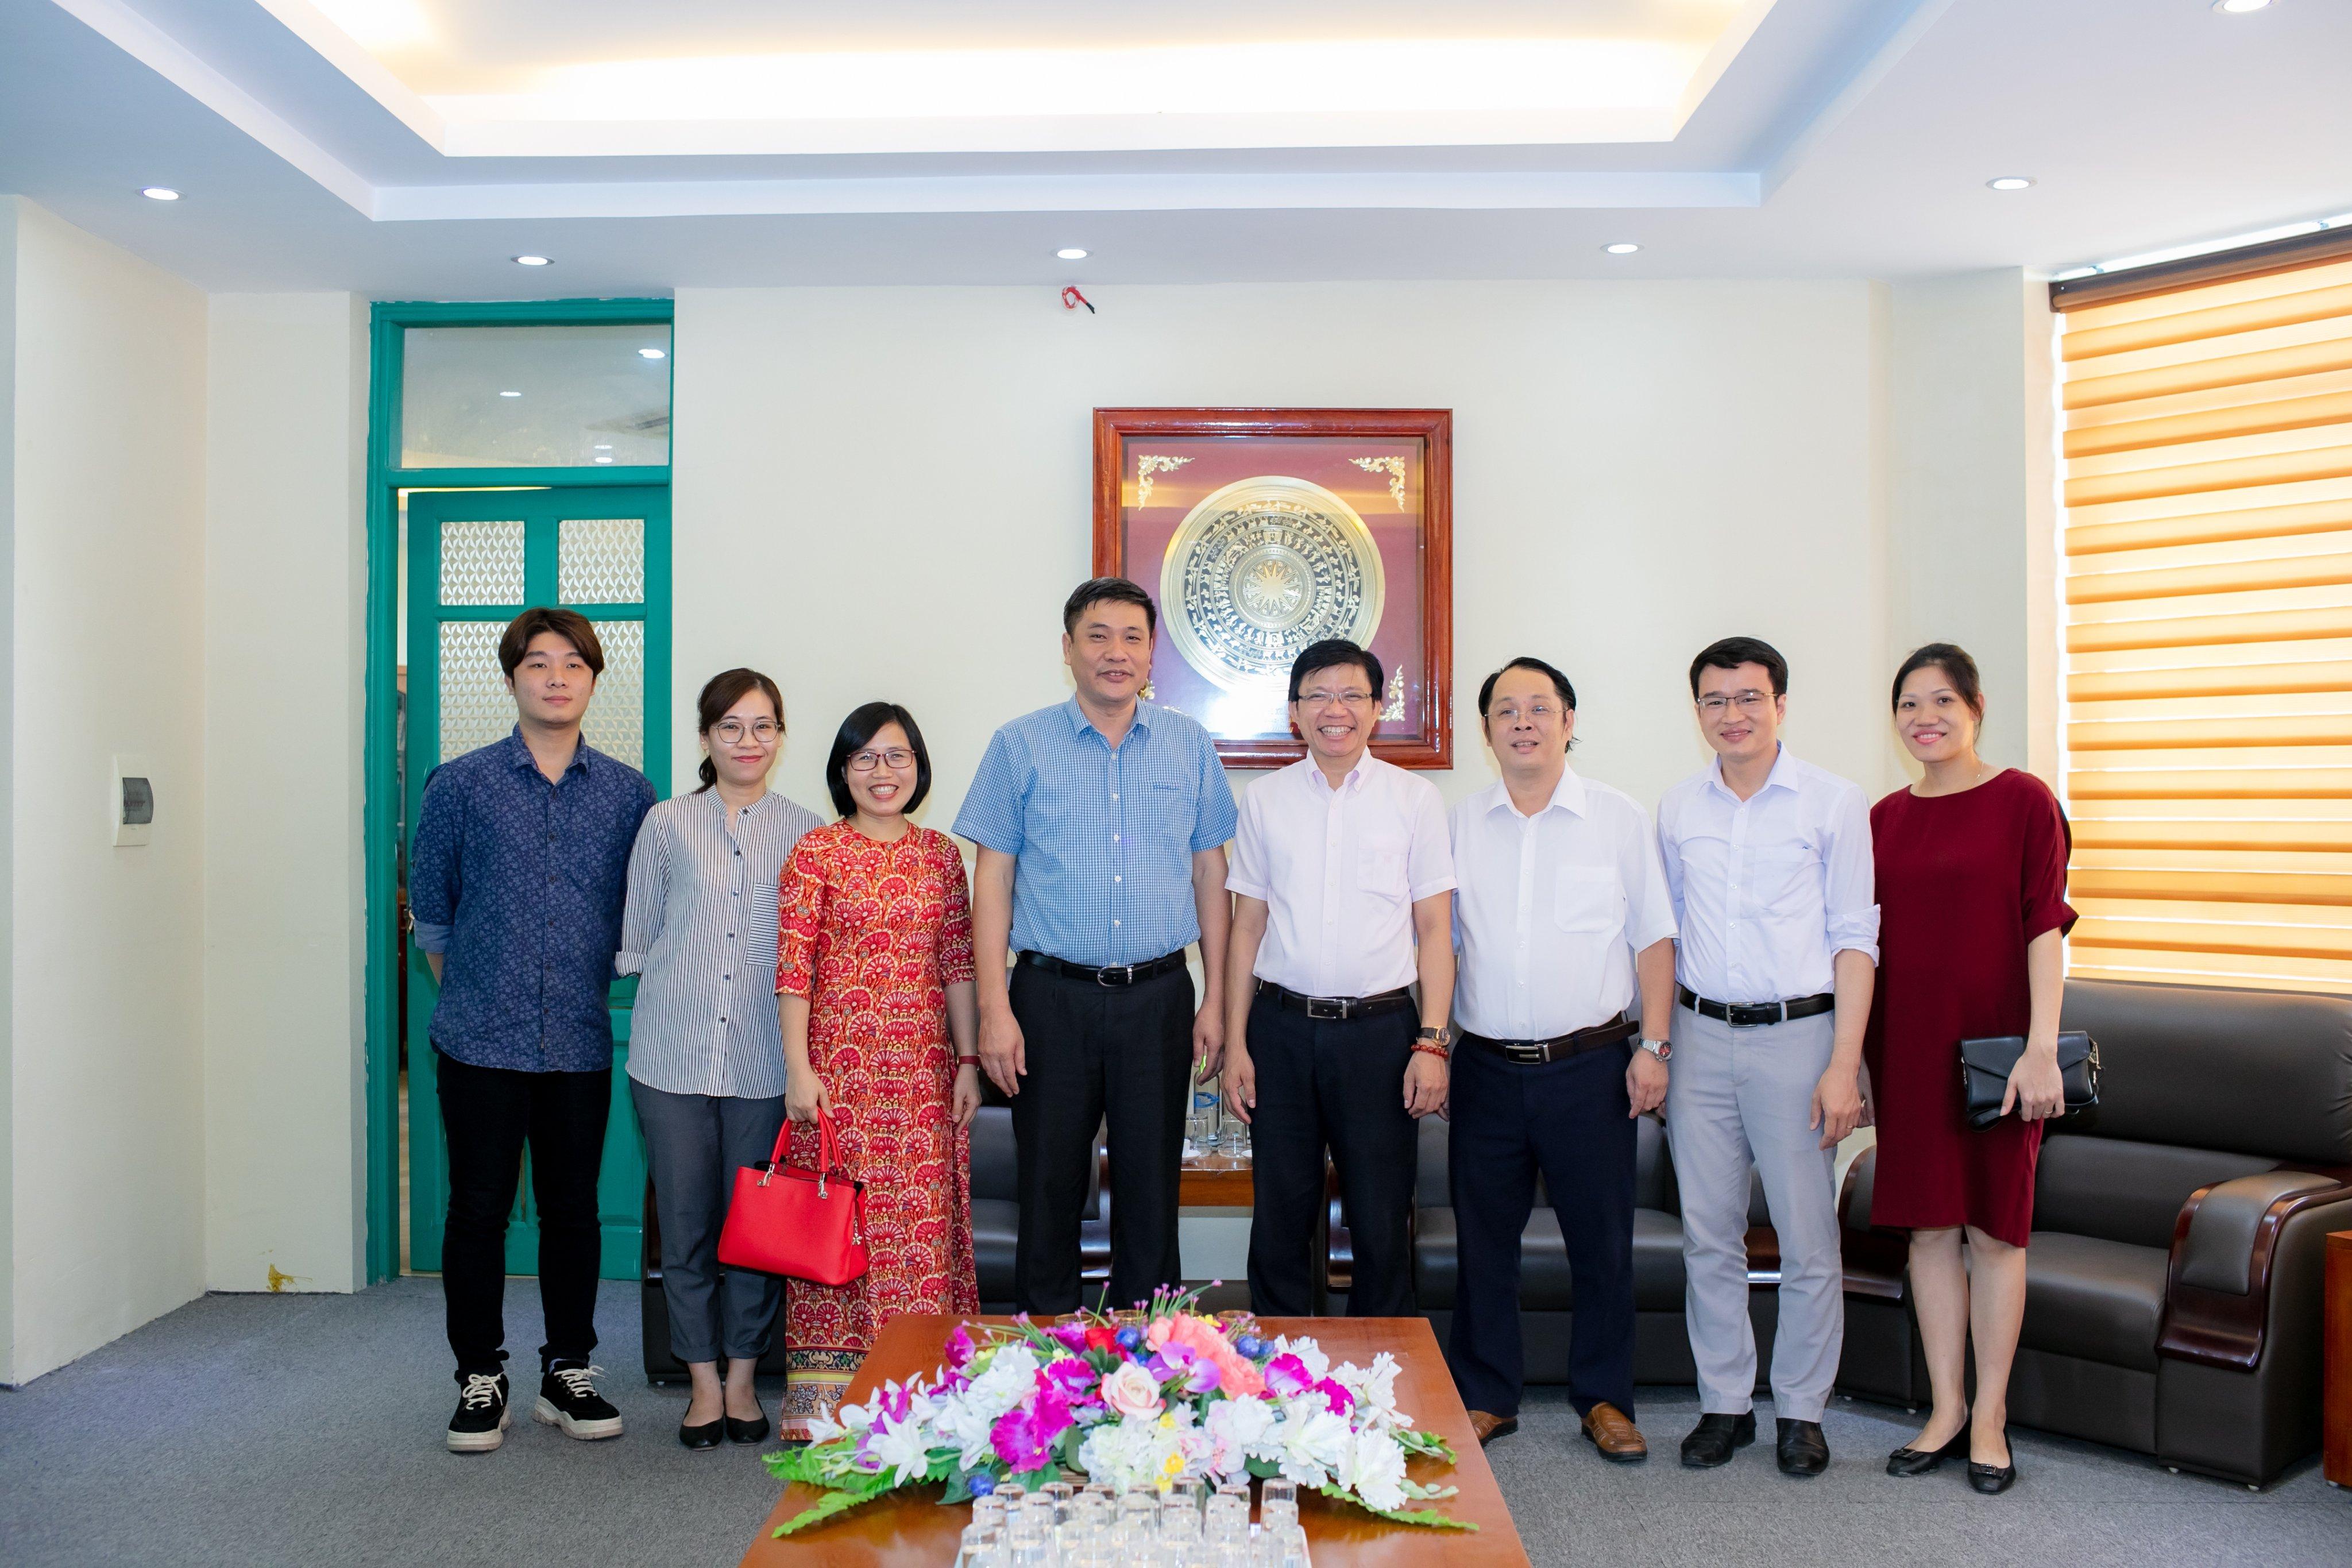 Hiệu trưởng, PGS.TS.Nguyễn Văn Đăng chụp ảnh cùng GS. Hoàng Anh Tuấn và cán bộ Khoa Khoa học Xã hội